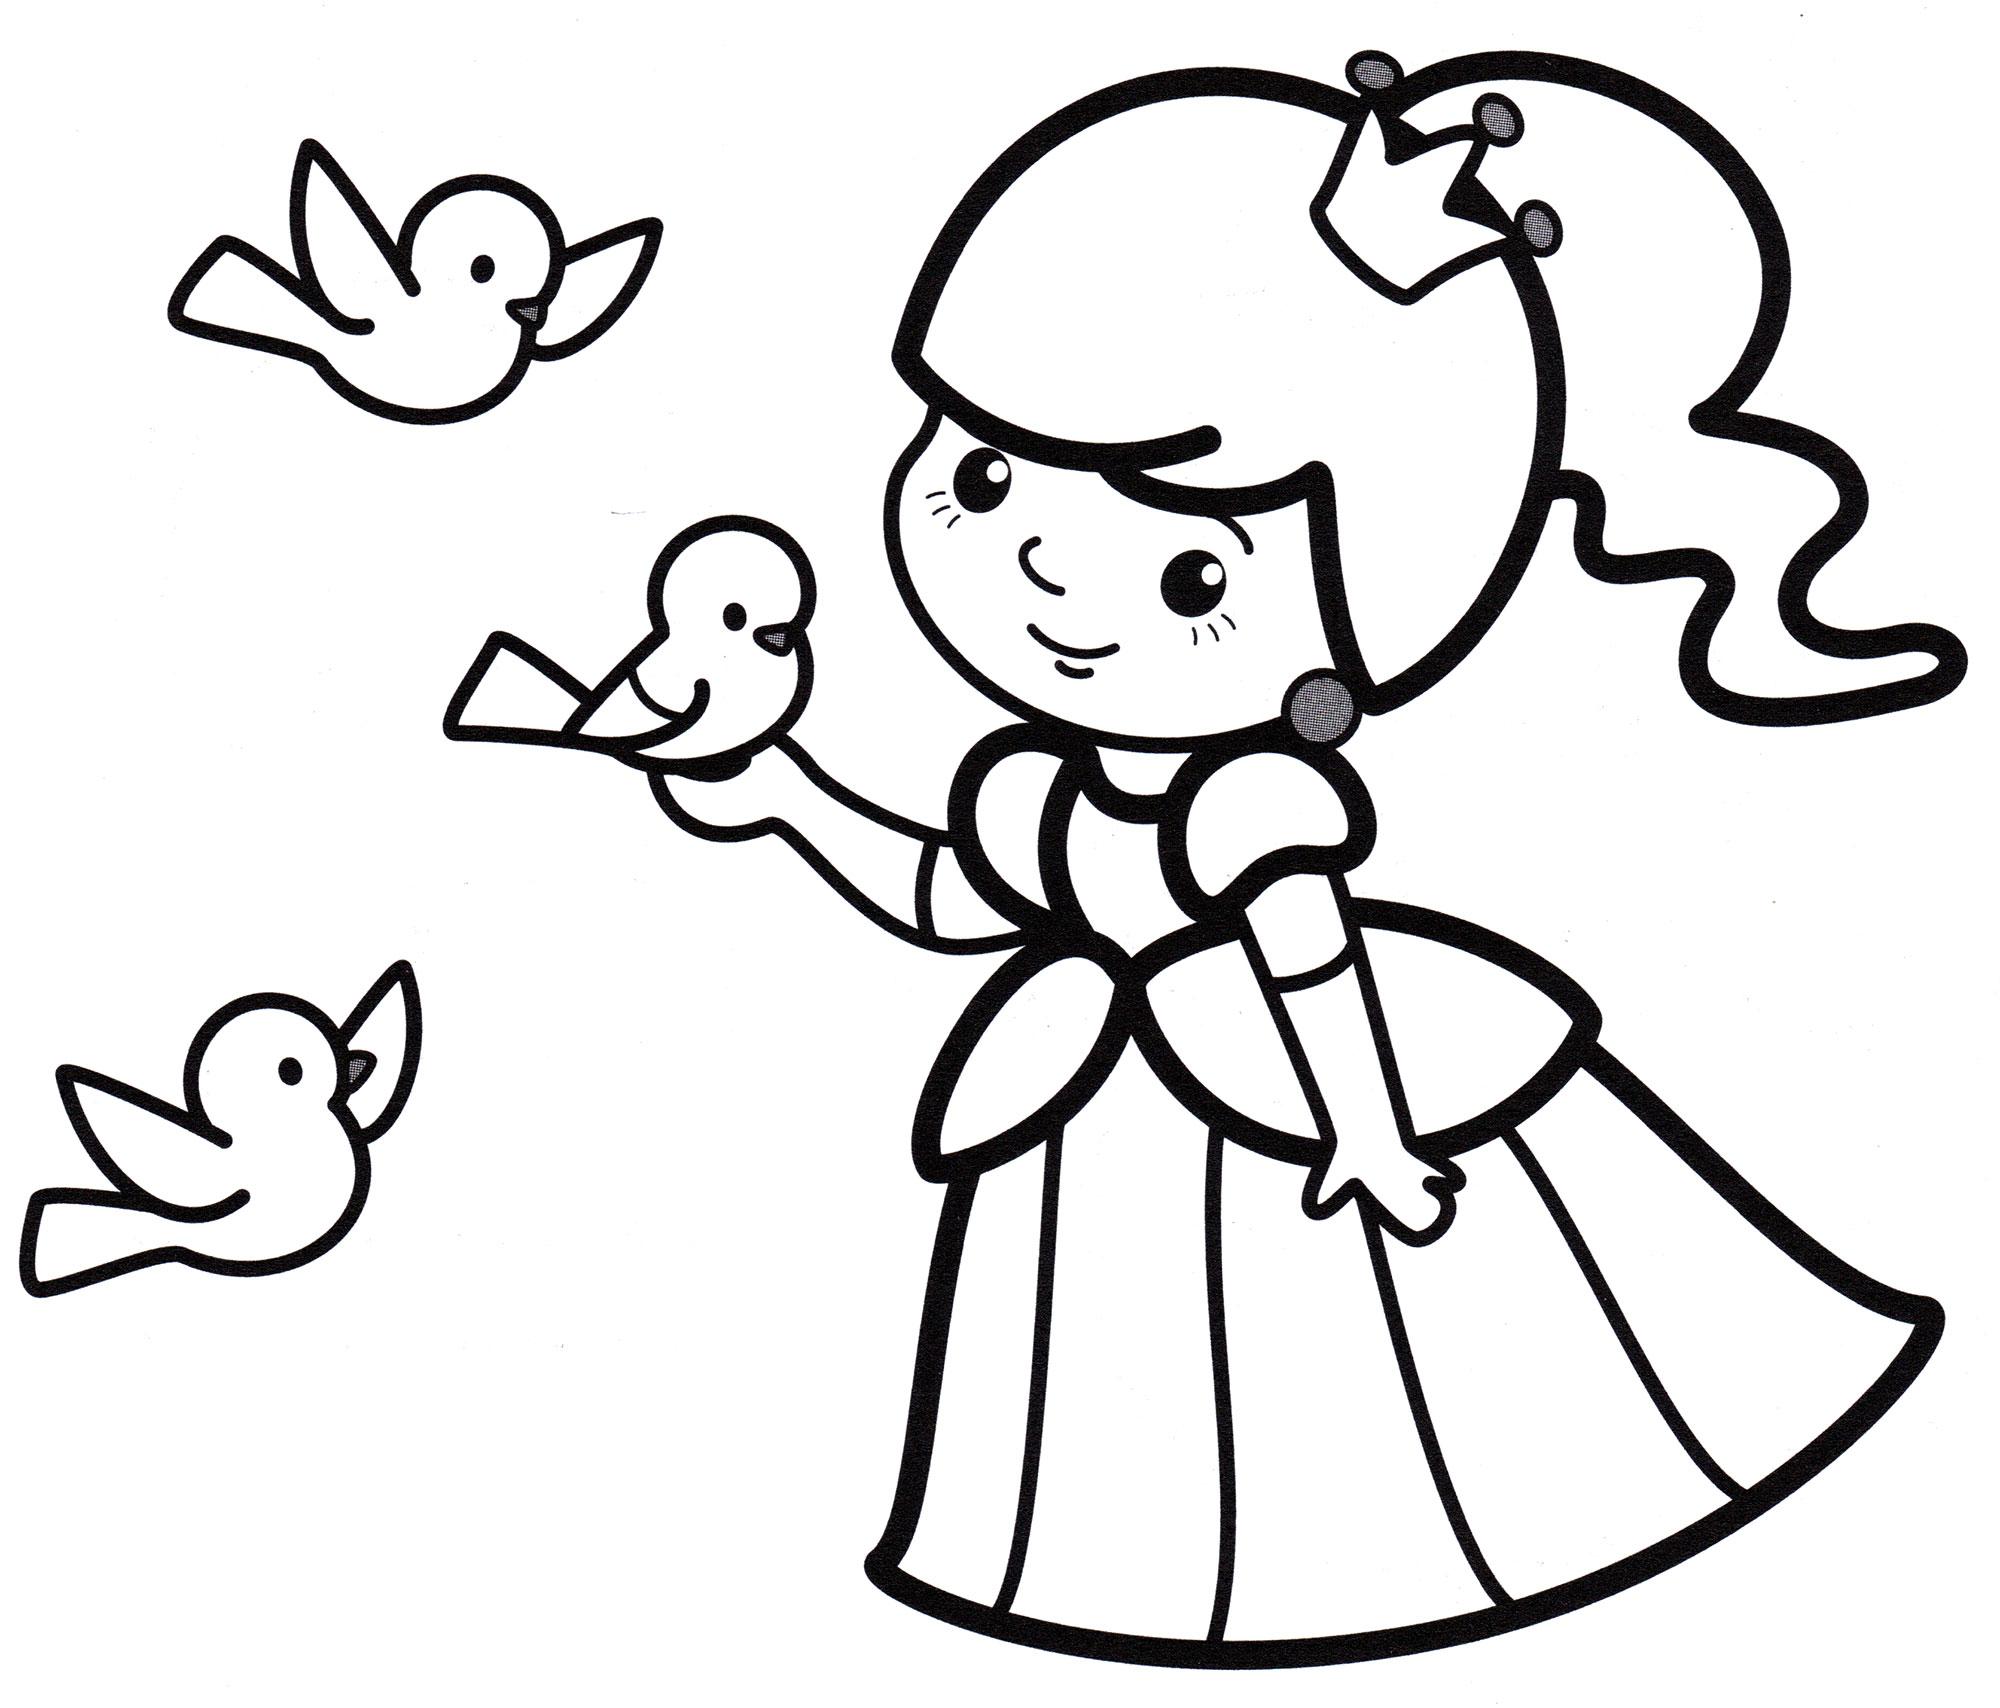 Раскраска Принцесса и птички - распечатать бесплатно